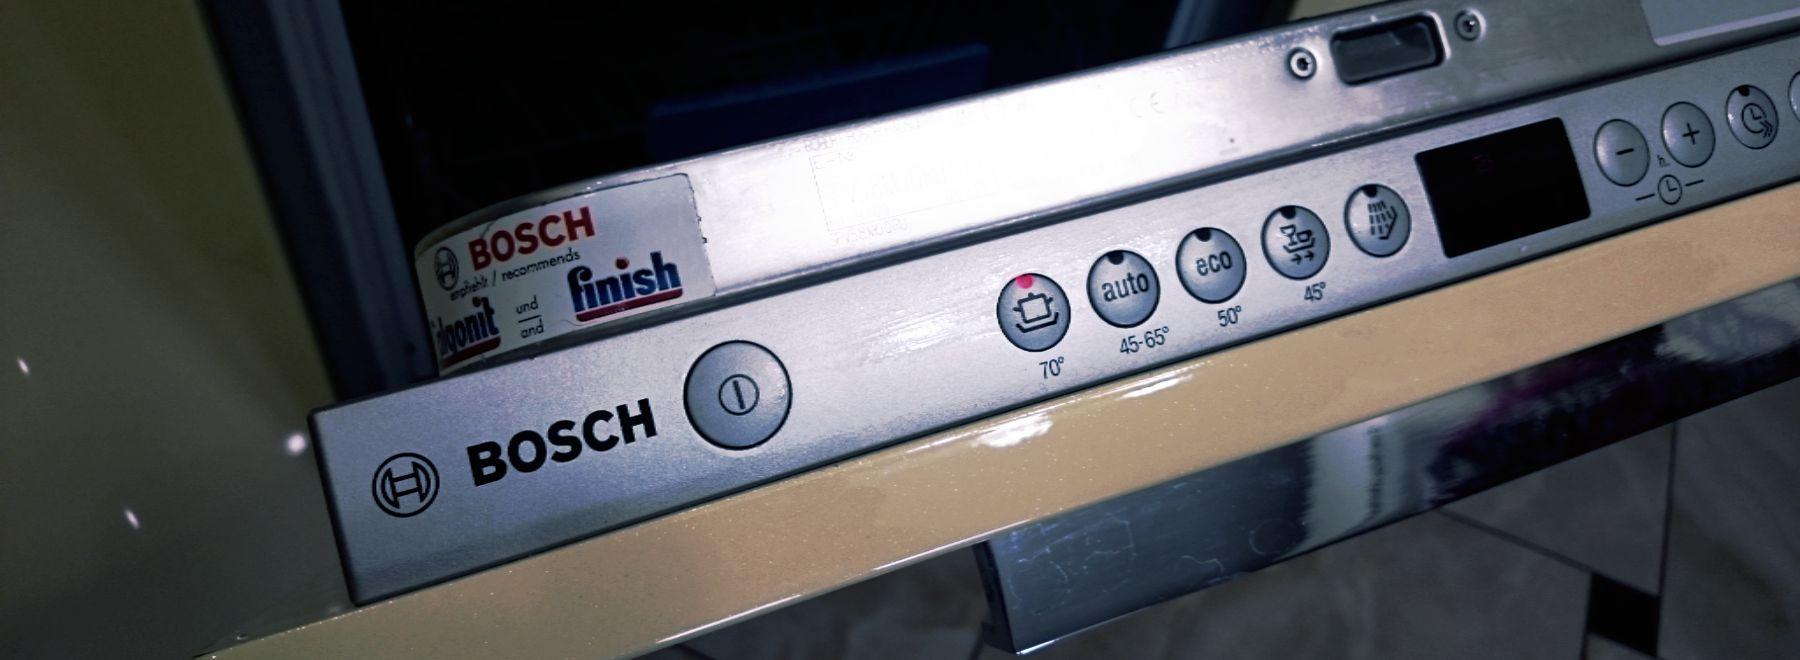 кнопки на панели управления